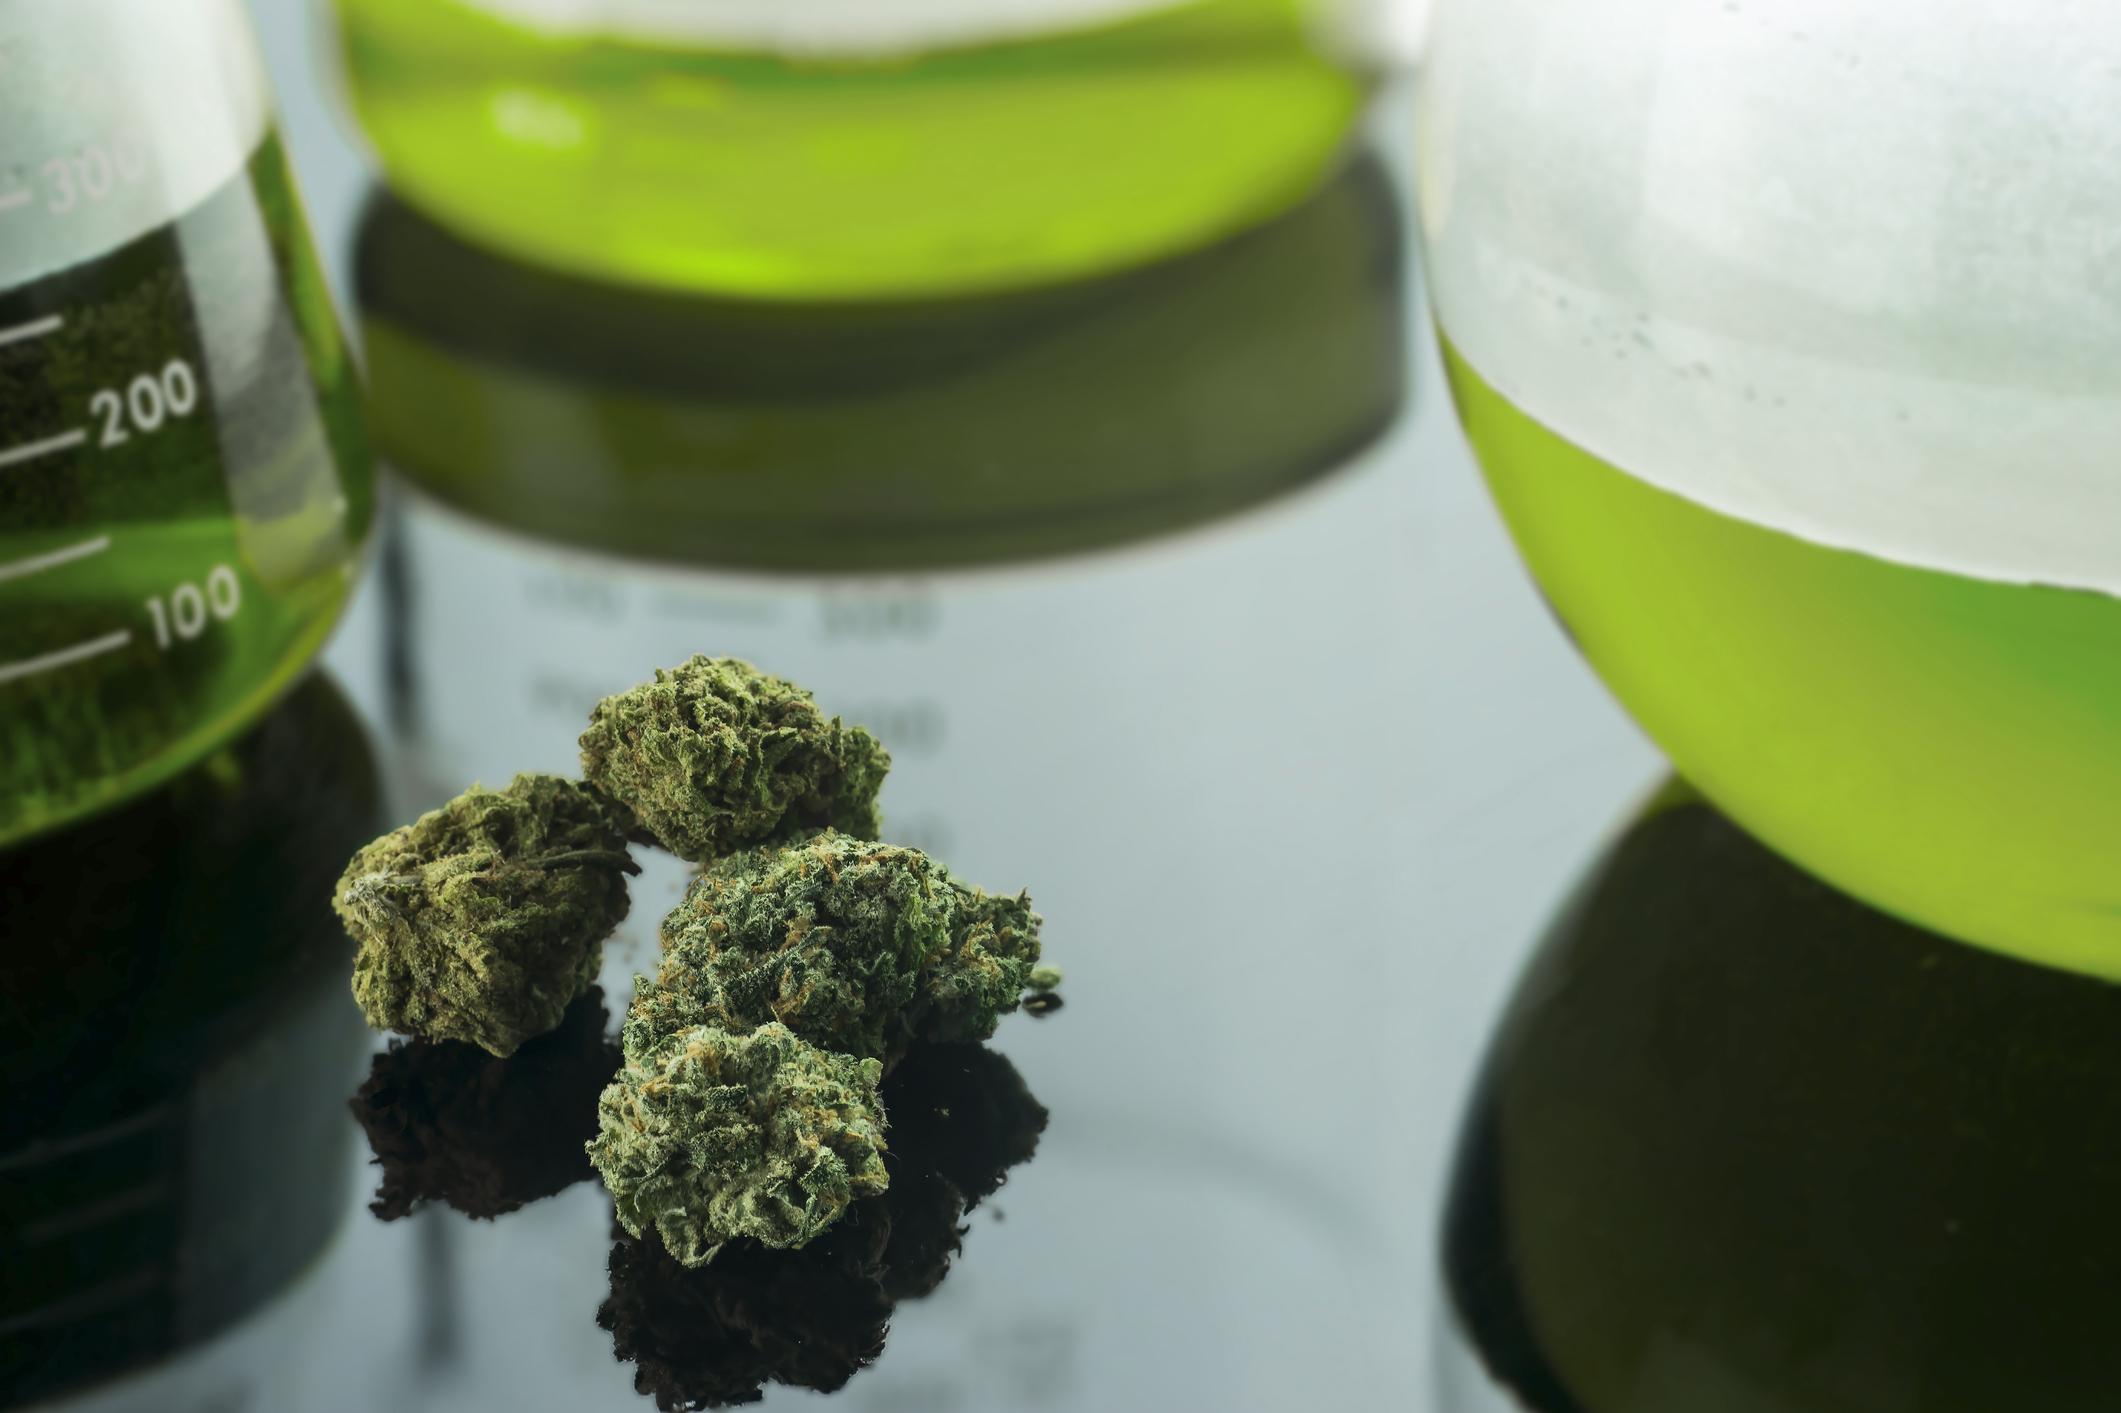 Marijuana on lab table